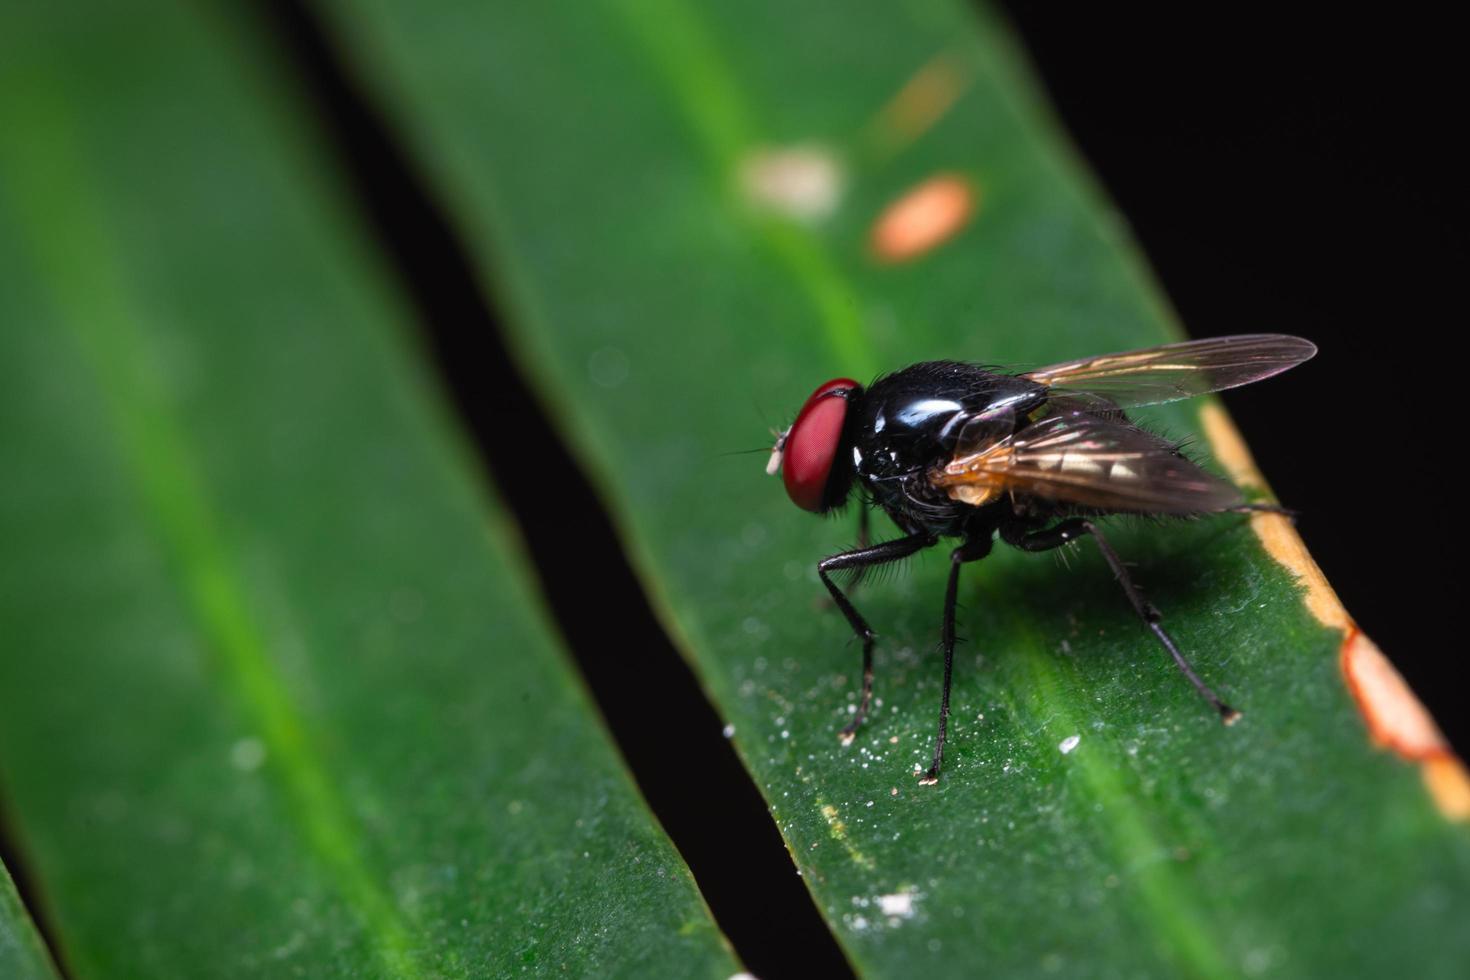 vista macro de mosca en la hoja foto